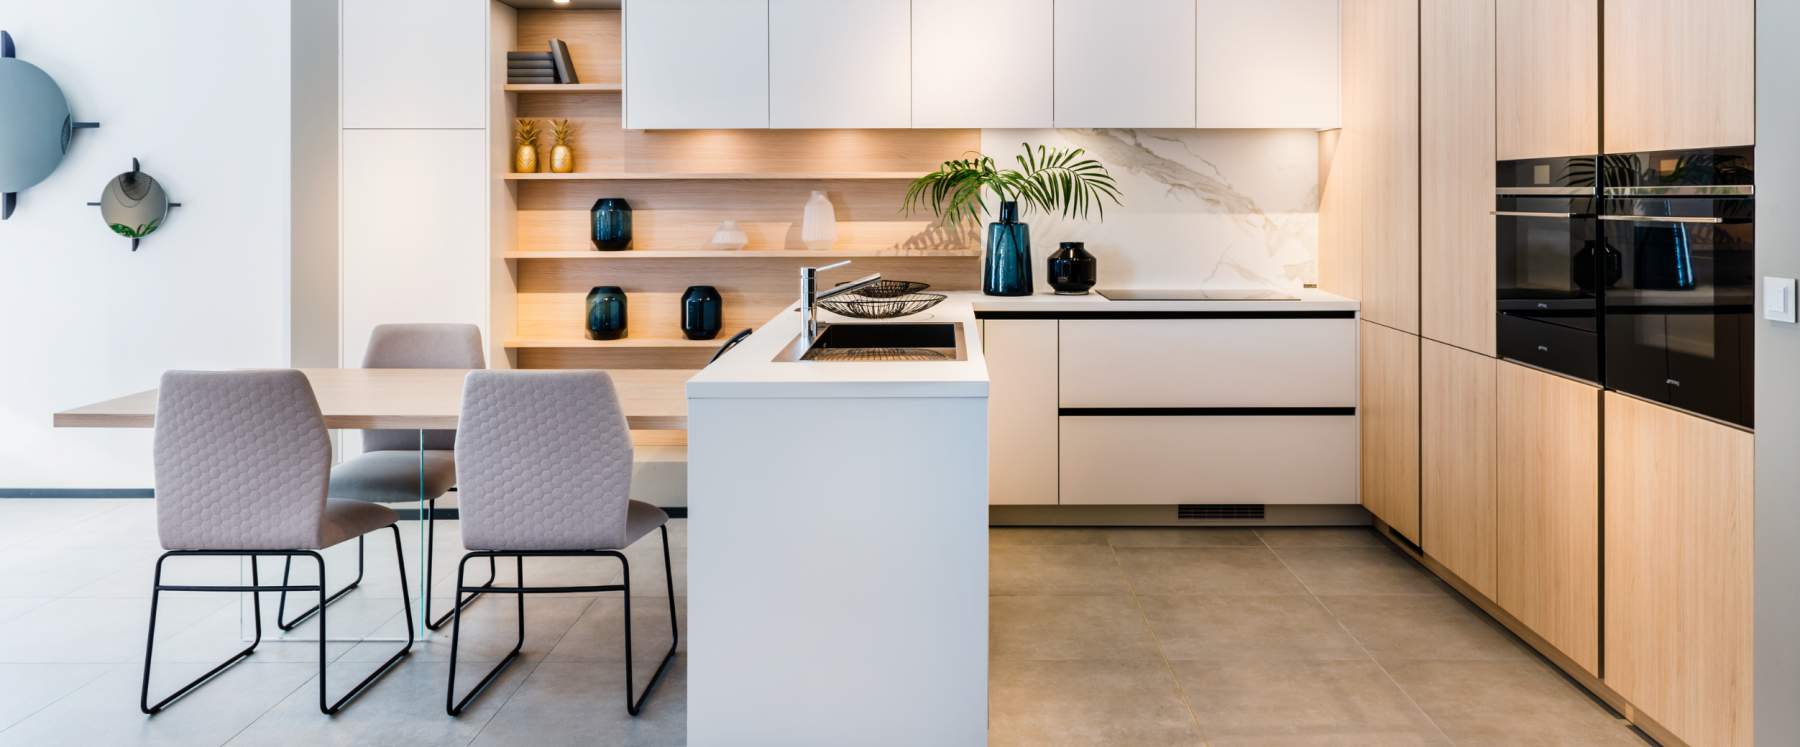 Moderne witte keuken met marmer en hout